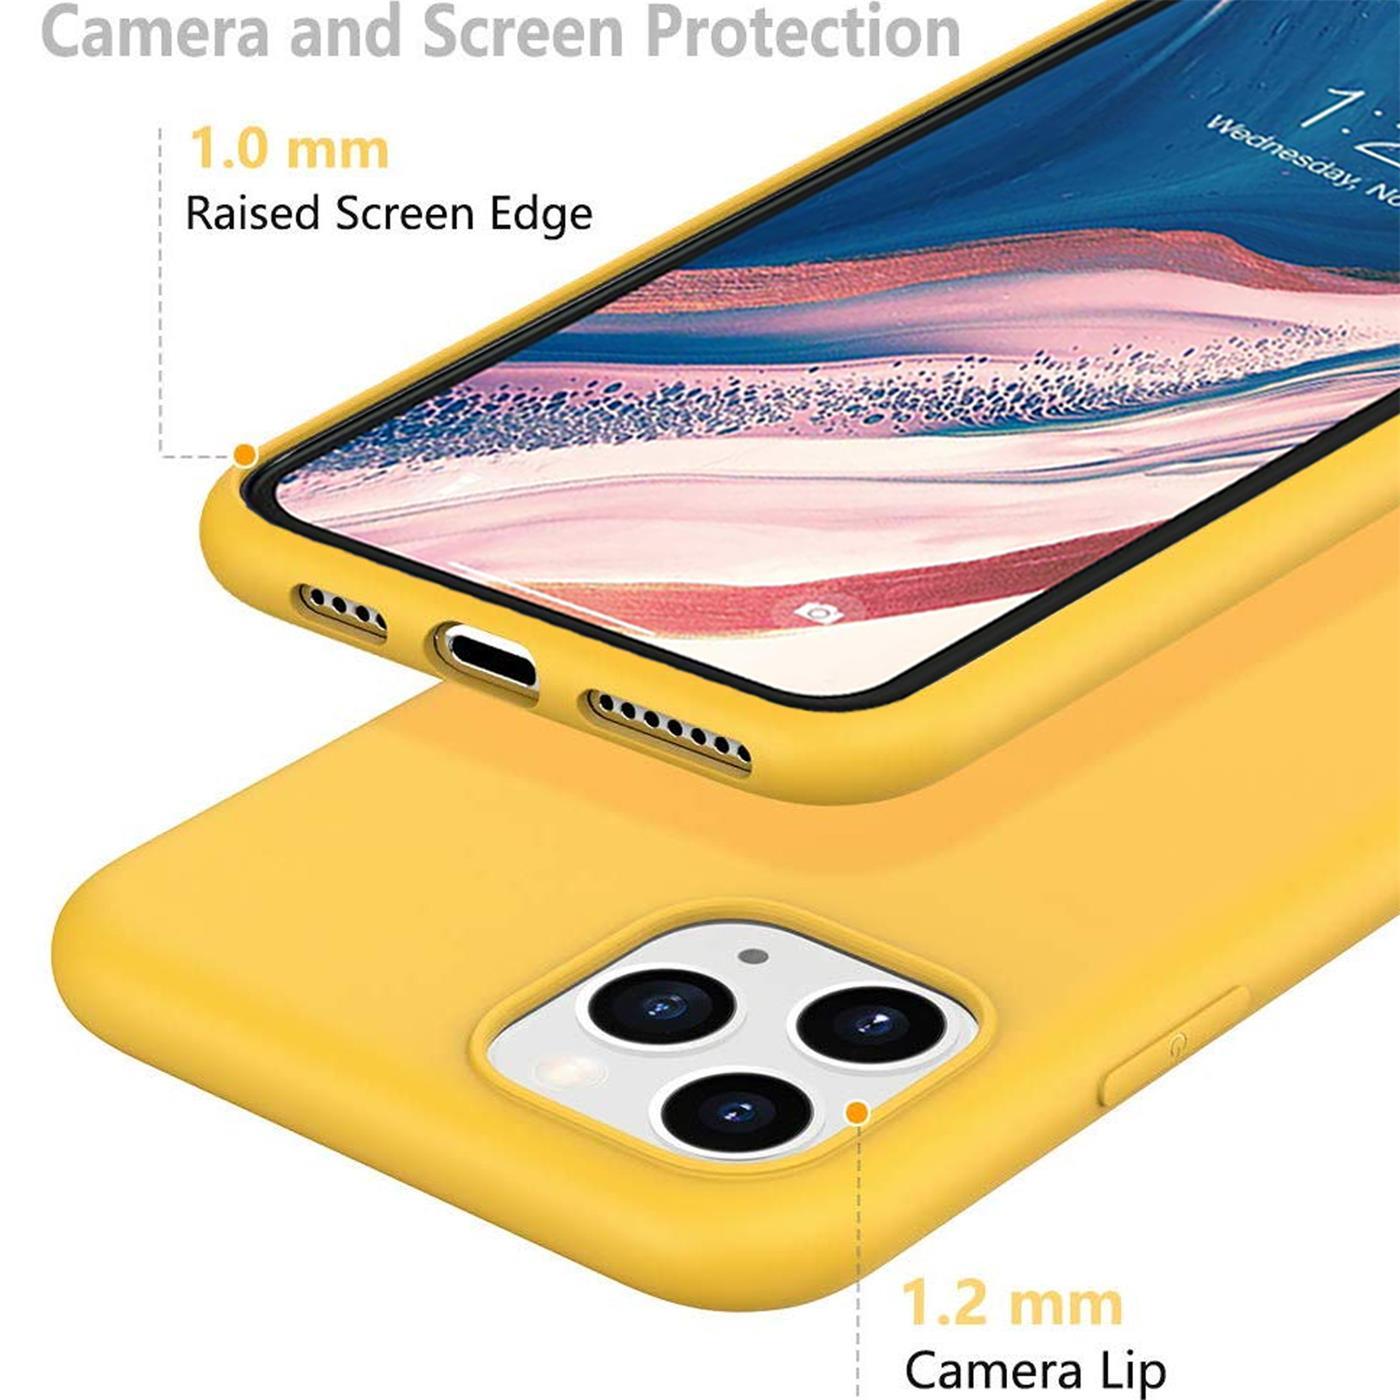 Silikon-Huelle-Schutzhuelle-Handy-Tasche-Handyhuelle-Slim-Case-Cover-Duenn-matt-Etui Indexbild 29